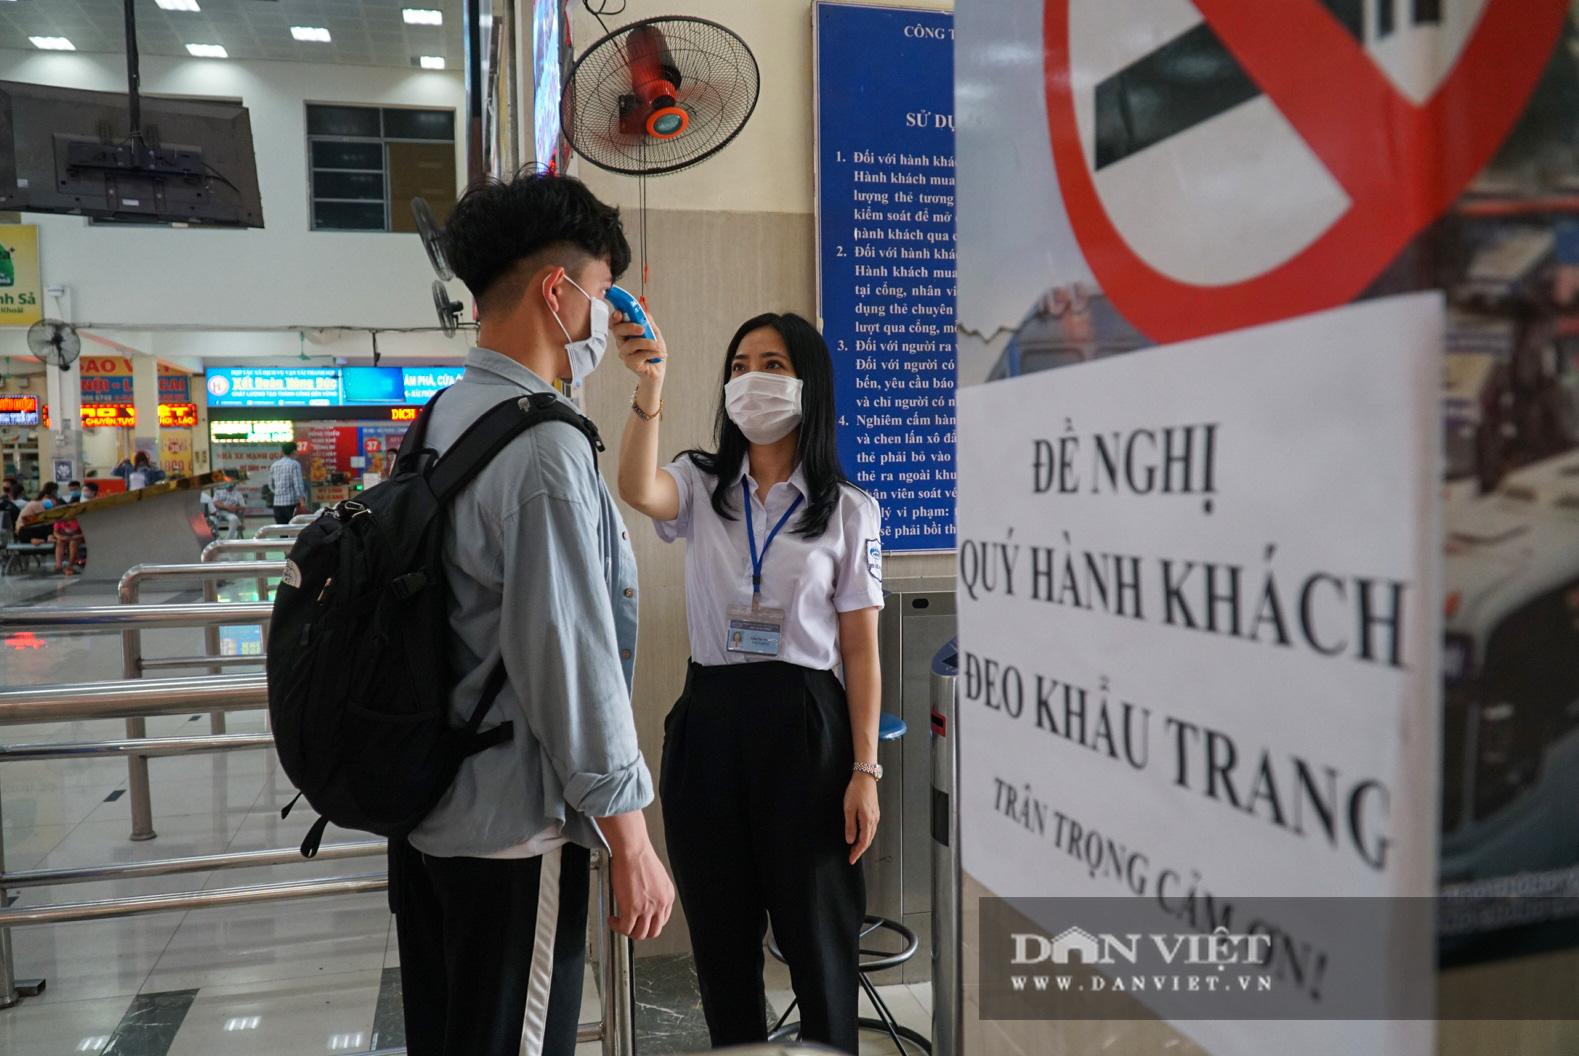 Lo sợ Covid-19 người dân 100% đeo khẩu trang tại các bến xe khi quay trở lại Hà Nội - Ảnh 3.